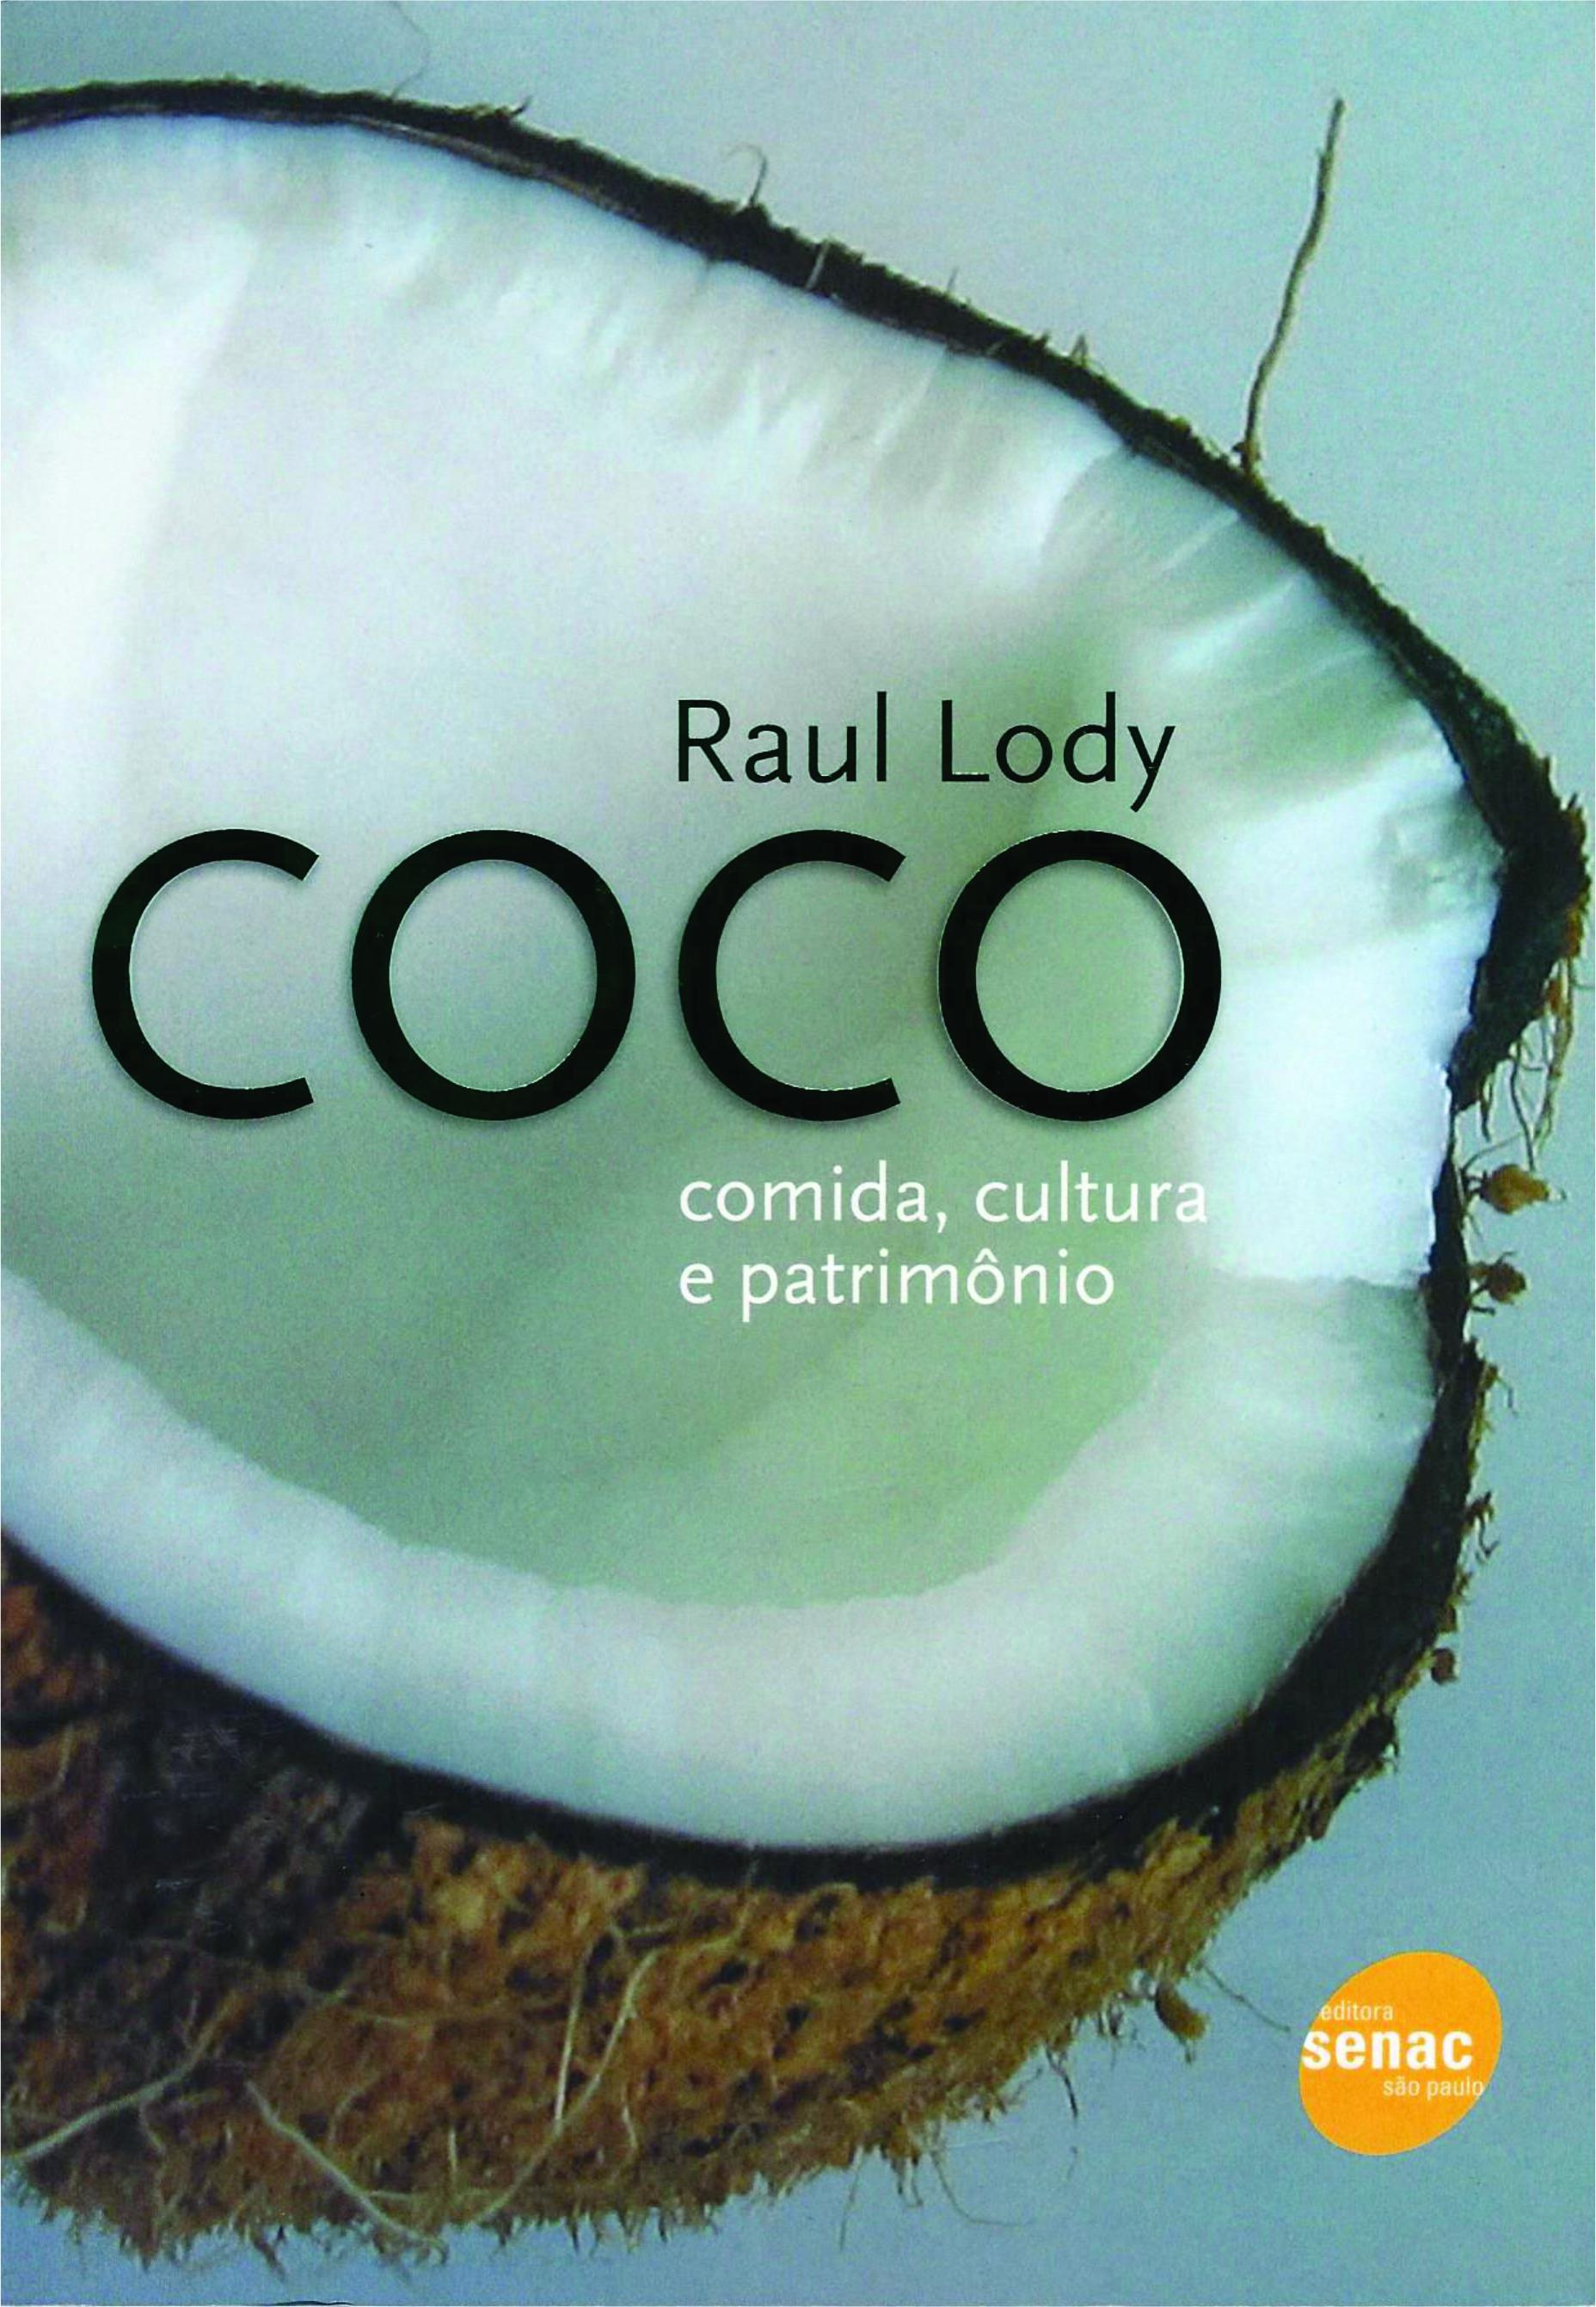 Coco comida, cultura e patrimônio